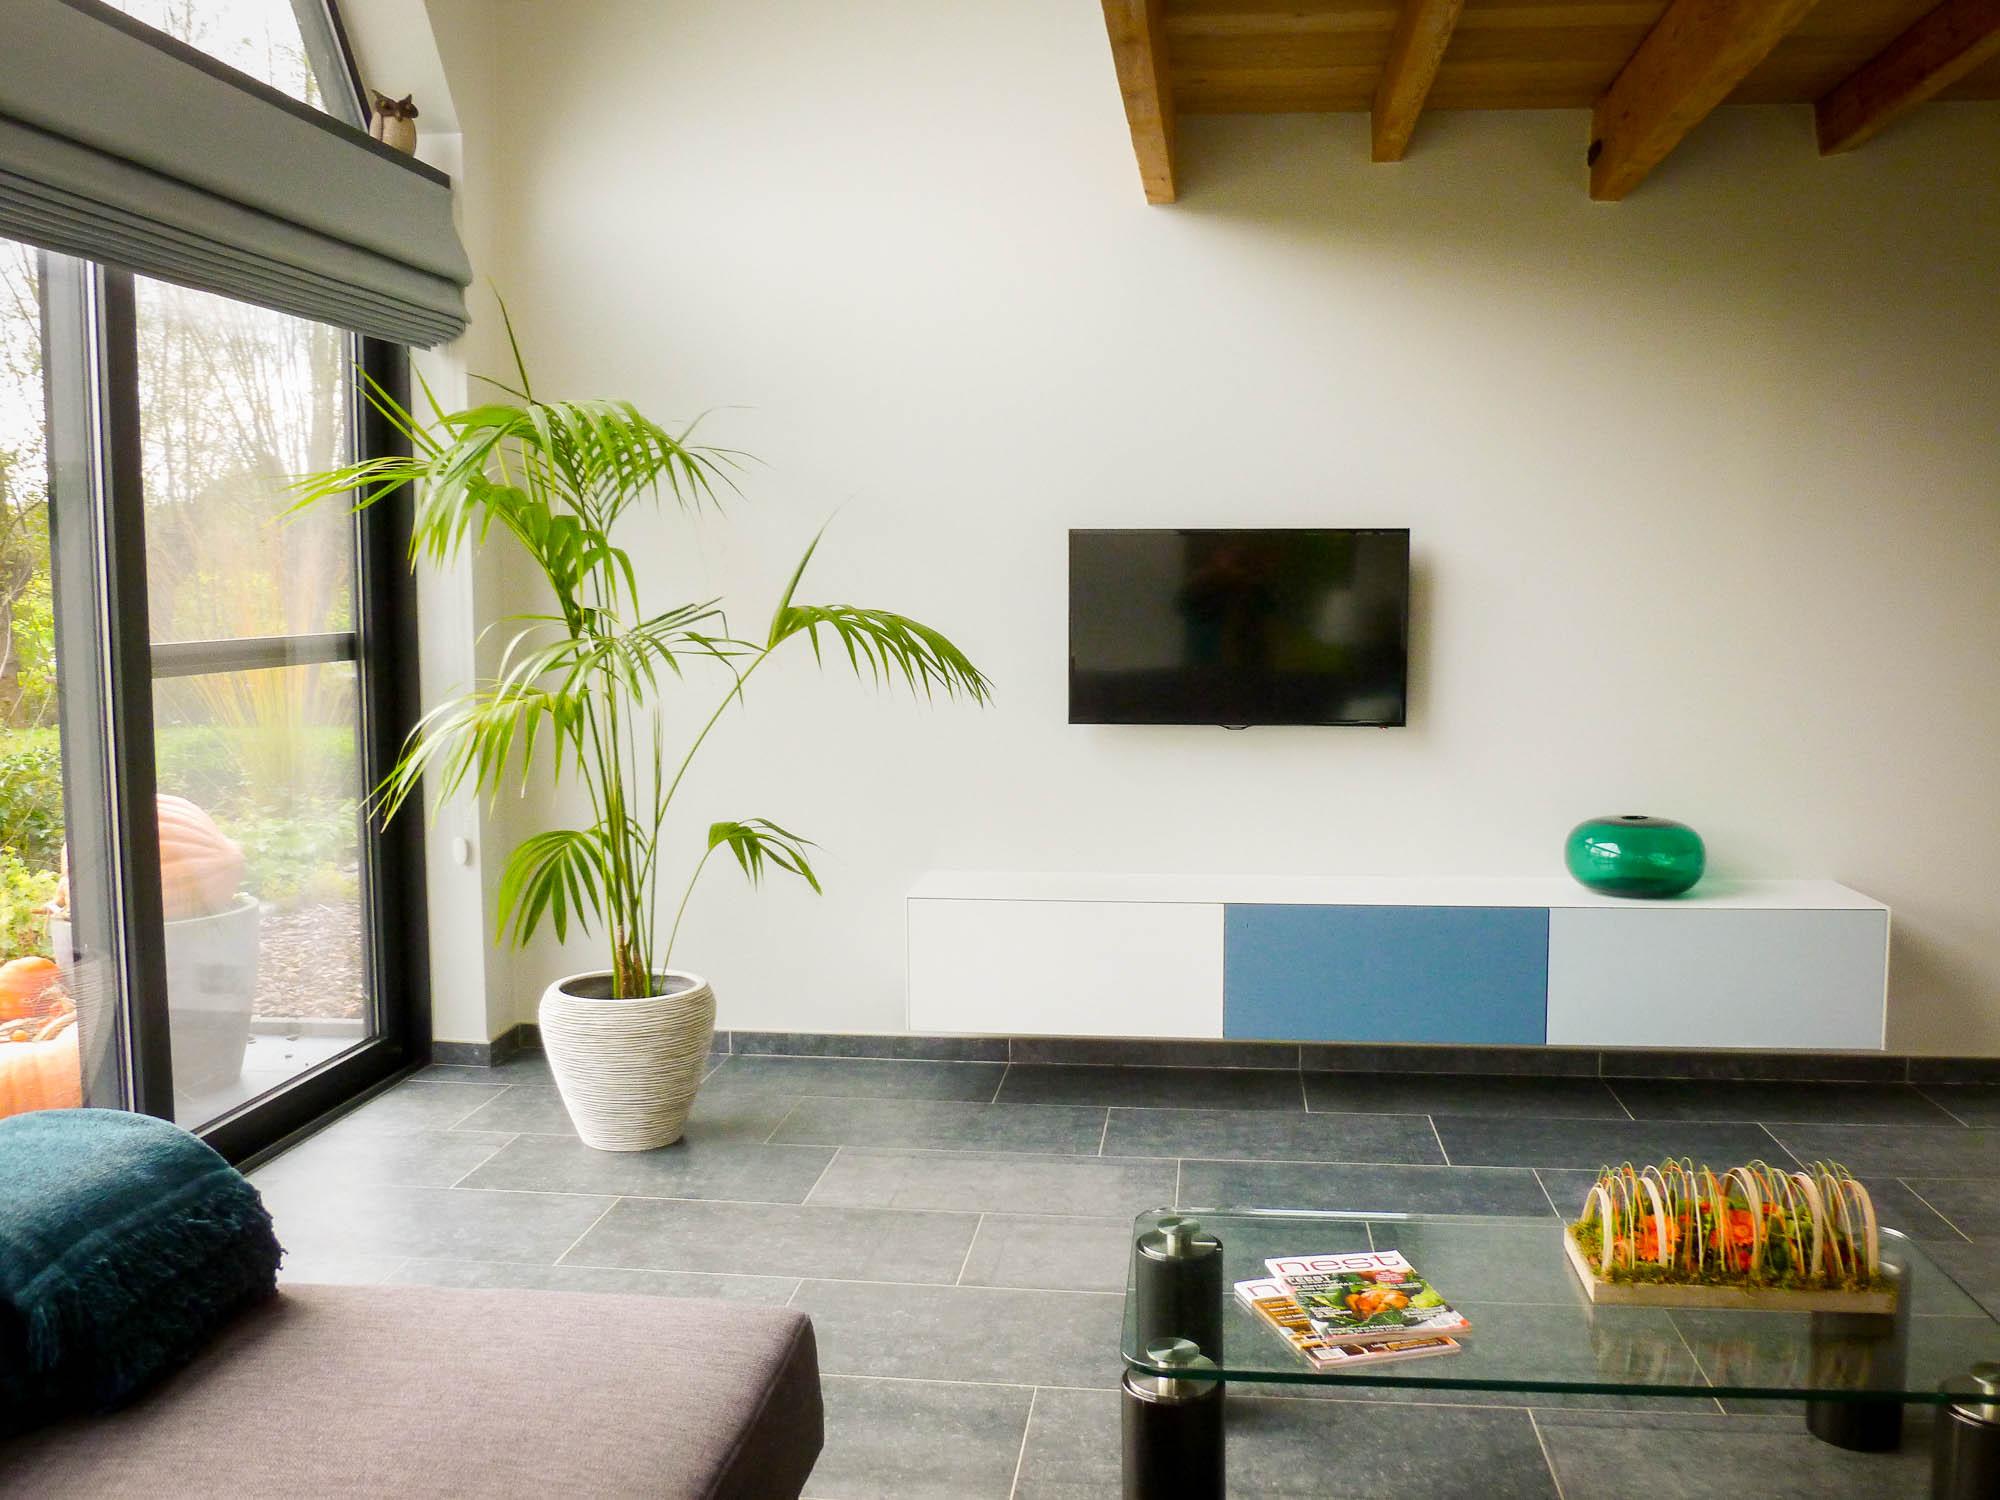 Vakantiehuis 39 t klein gent voorzieningen for Ligzetel tuin